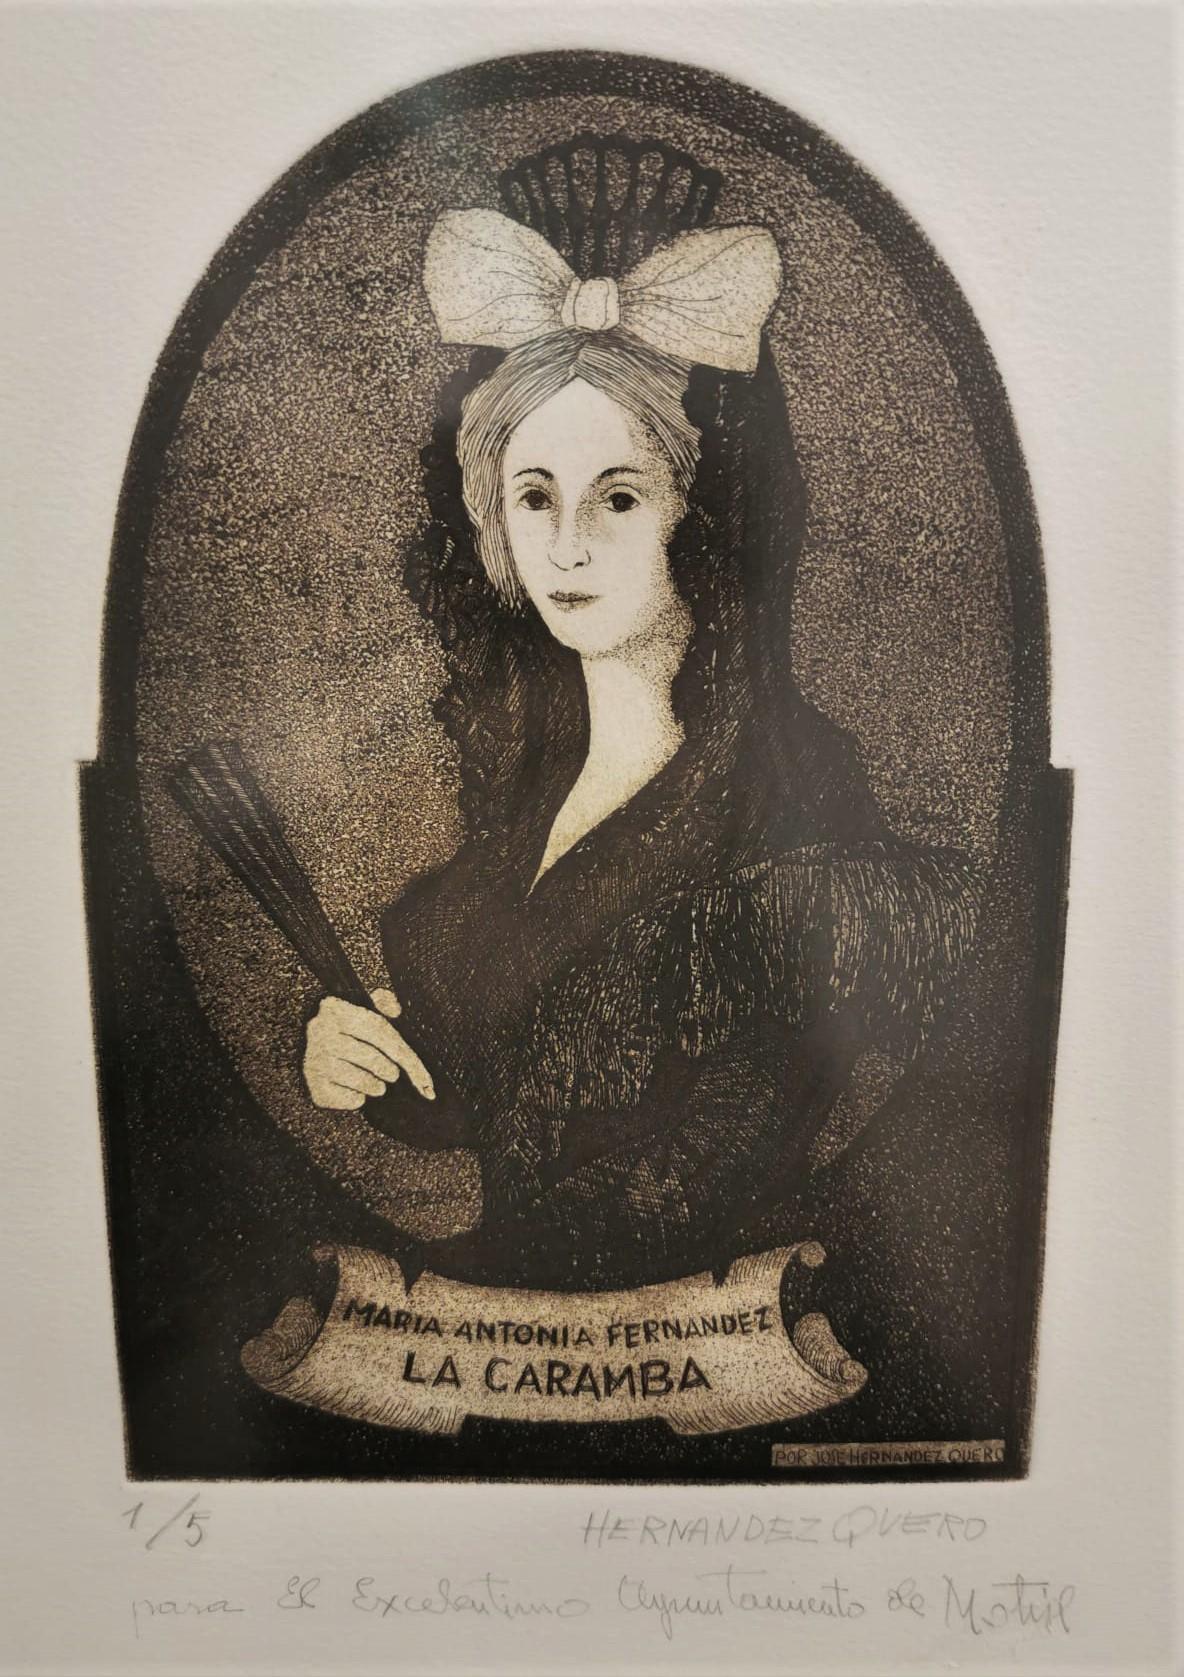 La Caramba. Por José Hernández Quero (Museo Hdez. Quero. Motril)